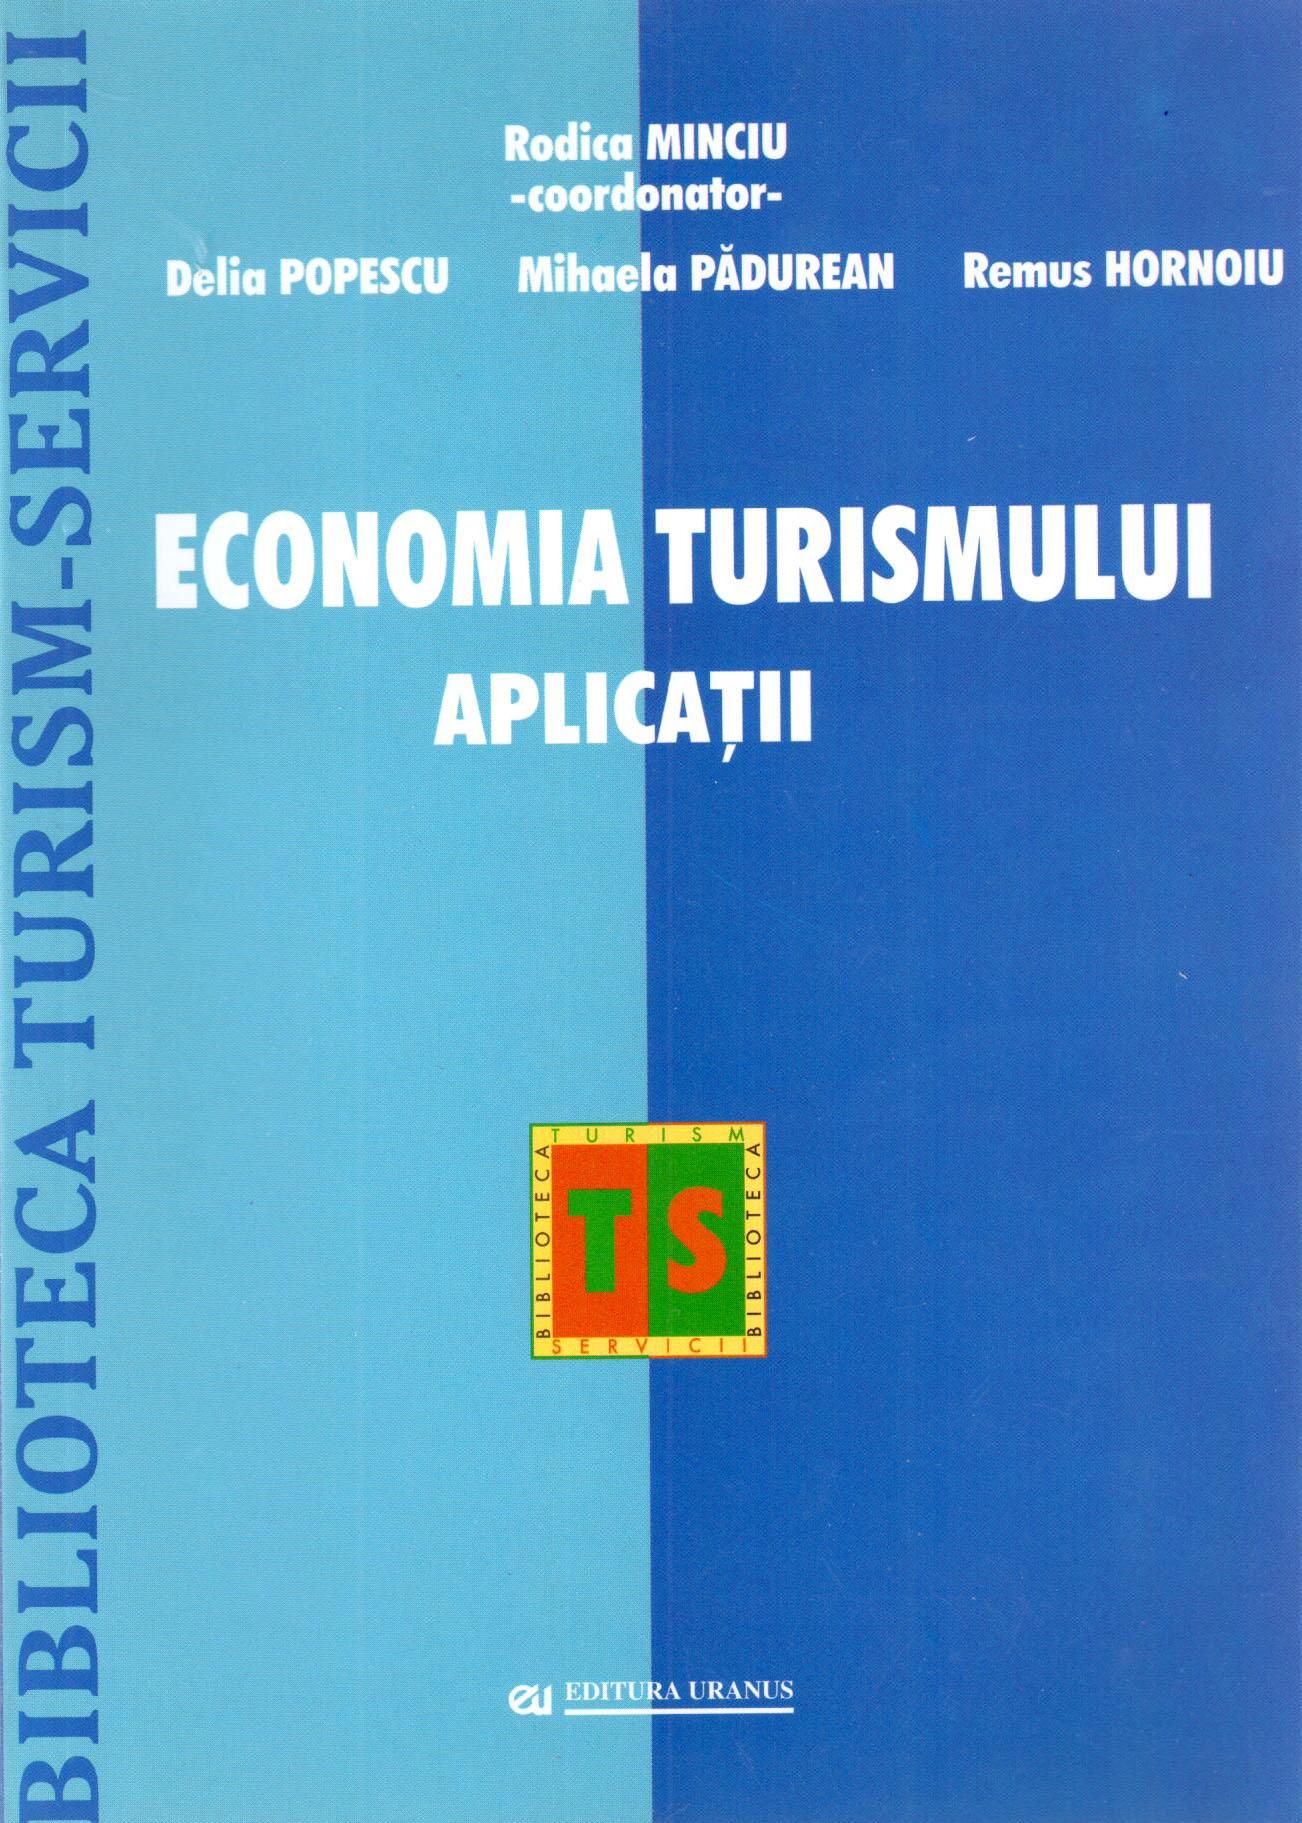 Economia turismului. Aplicatii